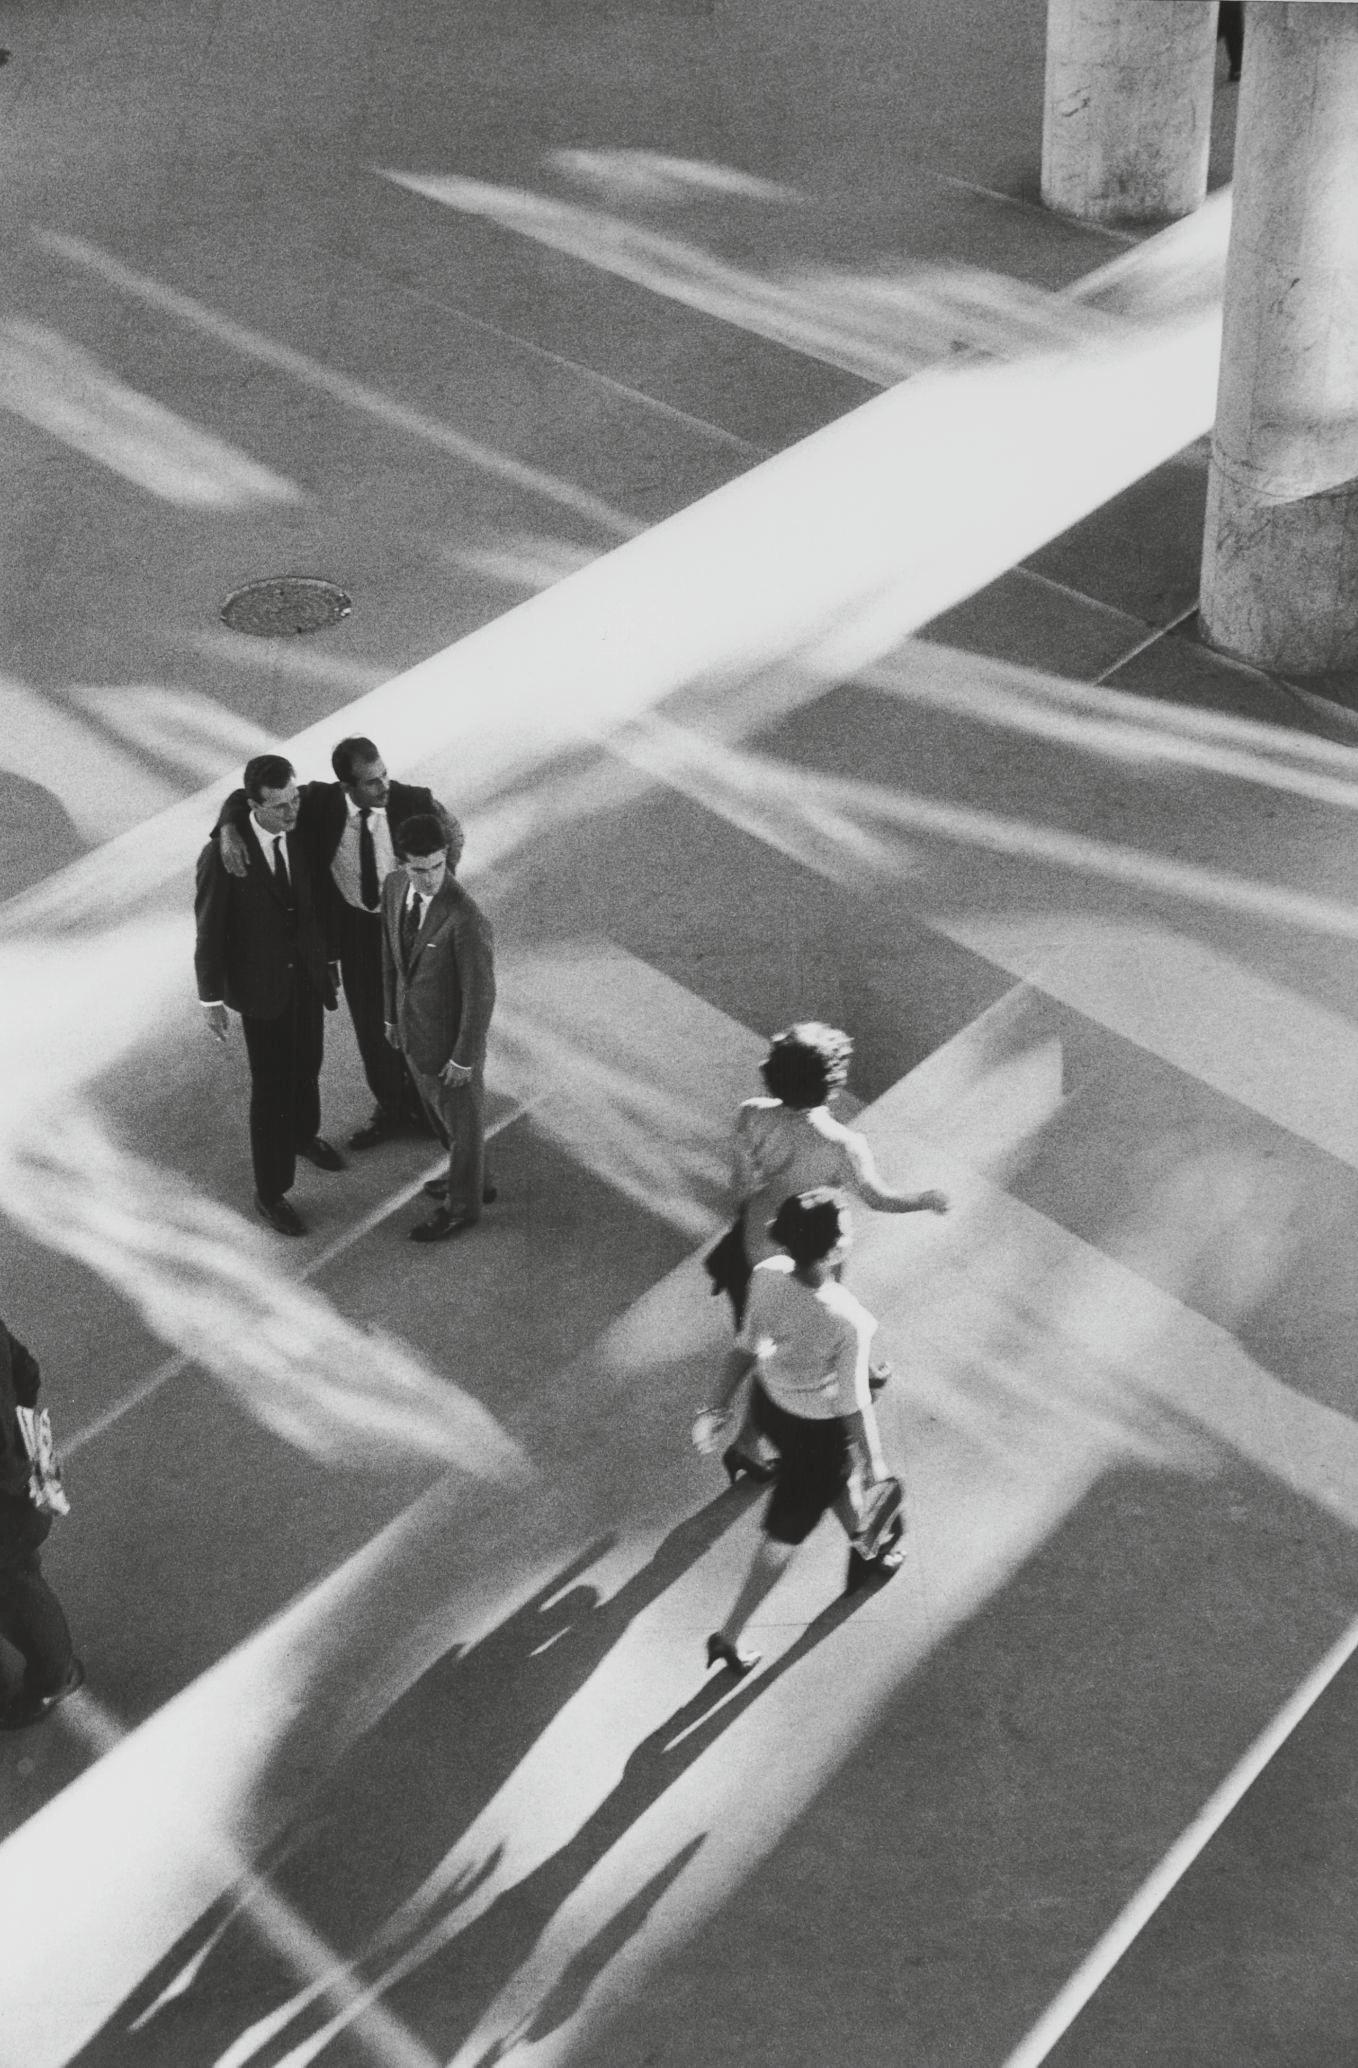 Rio de Janiero, 1960